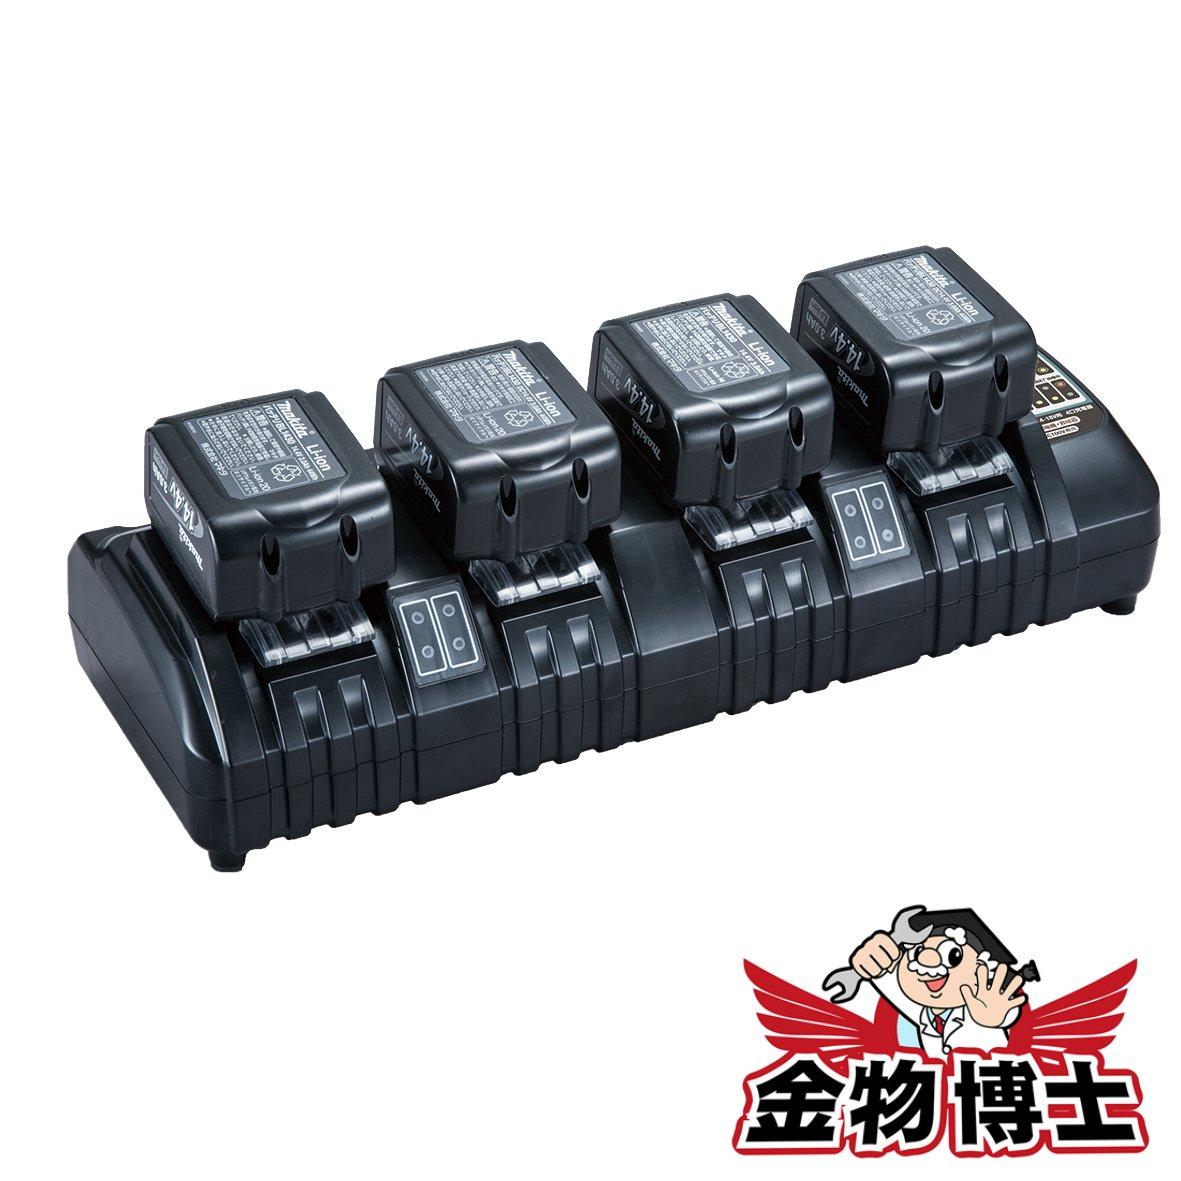 充電器 【マキタ DC18SF (JPADC18SF)】4口充電器 14.4V~18V対応リチウムイオン専用